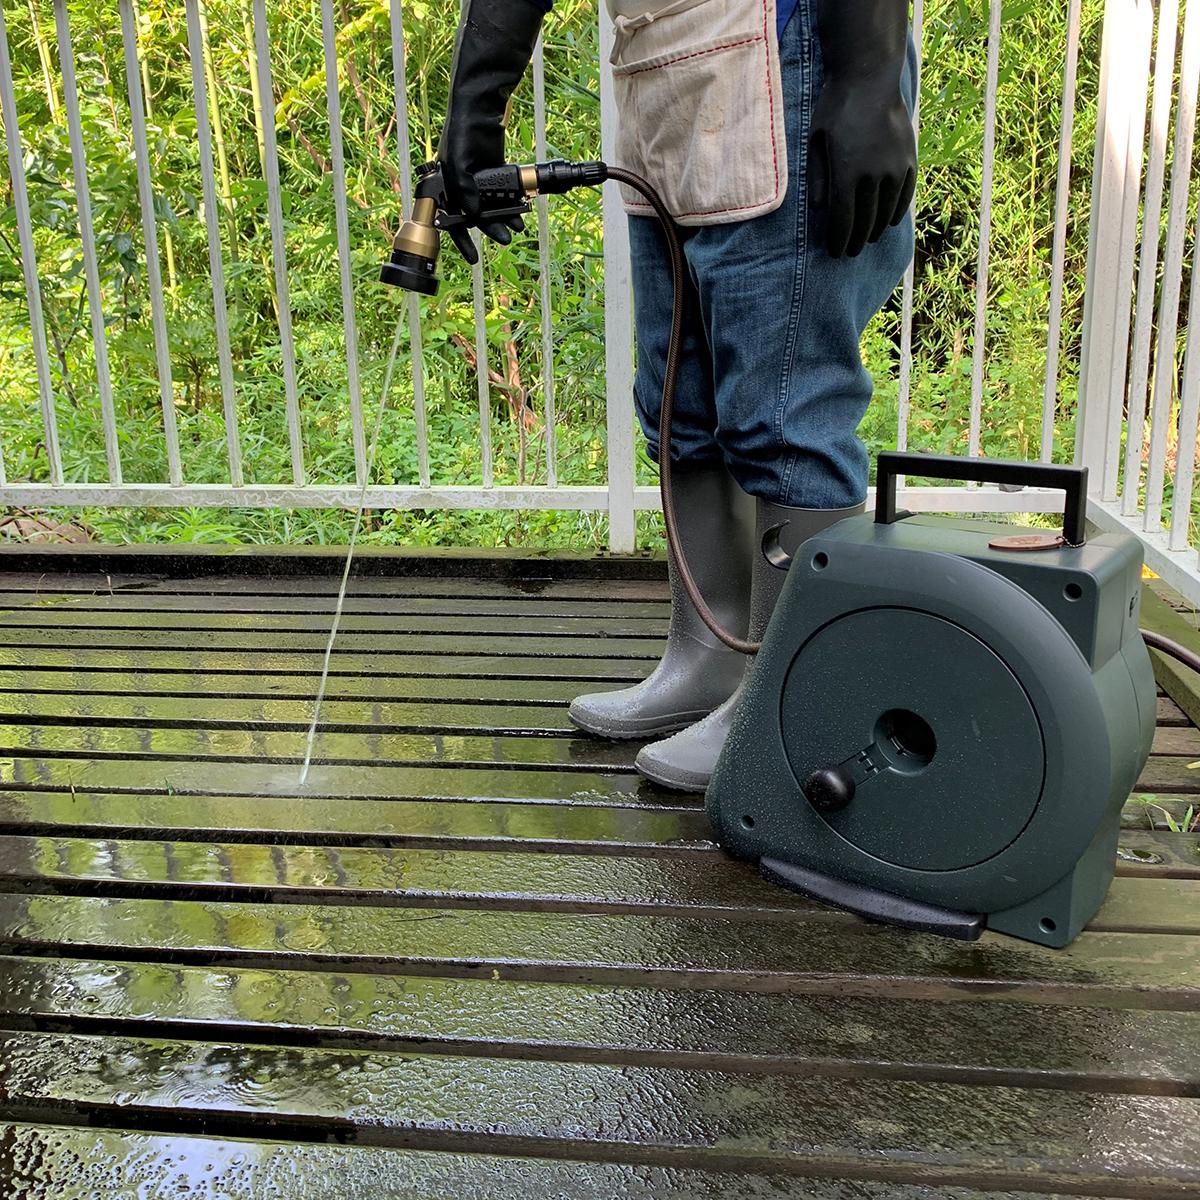 蛇口に取付け簡単、誰でもすぐ使える。4種のシャワーで、庭の水やりも、ベランダや車の掃除も自在な「ホースリール」|Royal Gardeners Club(ロイヤルガーデナーズクラブ)